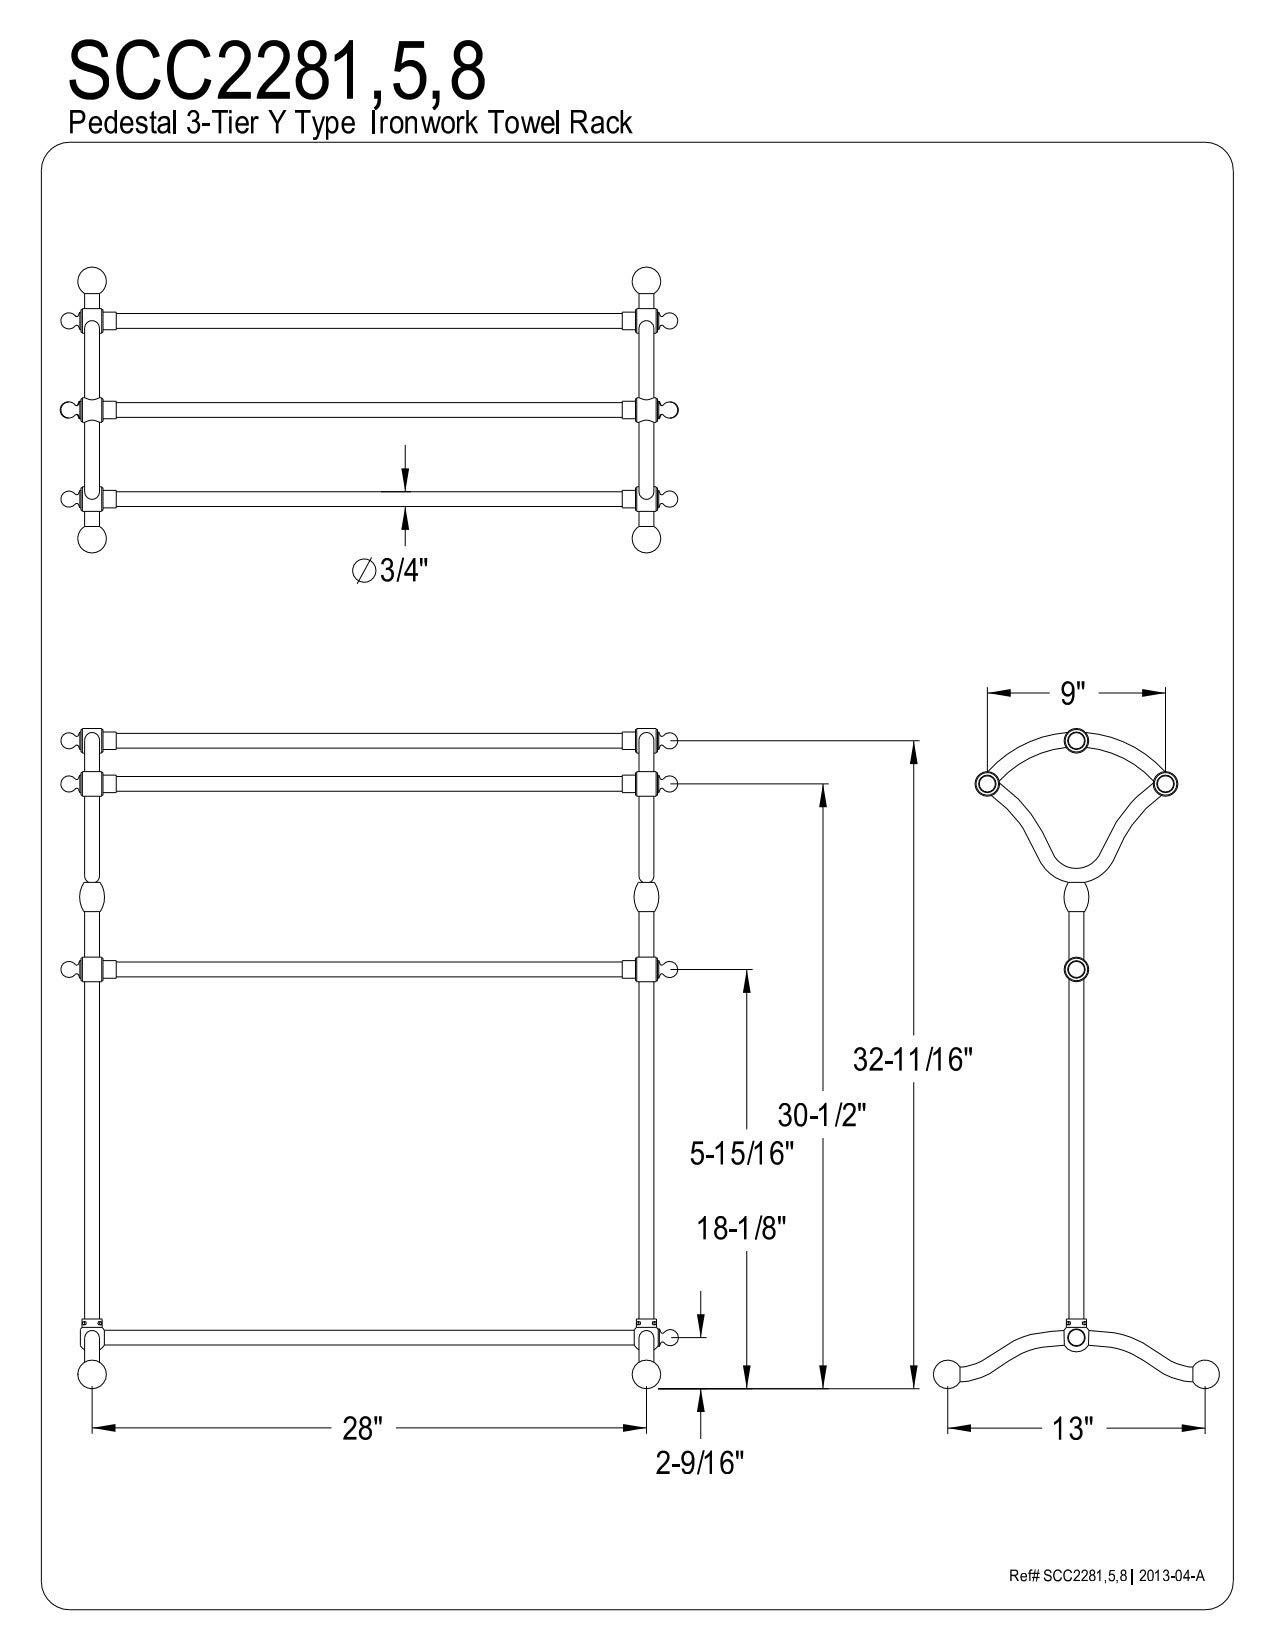 Kingston Brass SCC2288 Pedestal Y-Type Towel Rack, Brushed Nickel